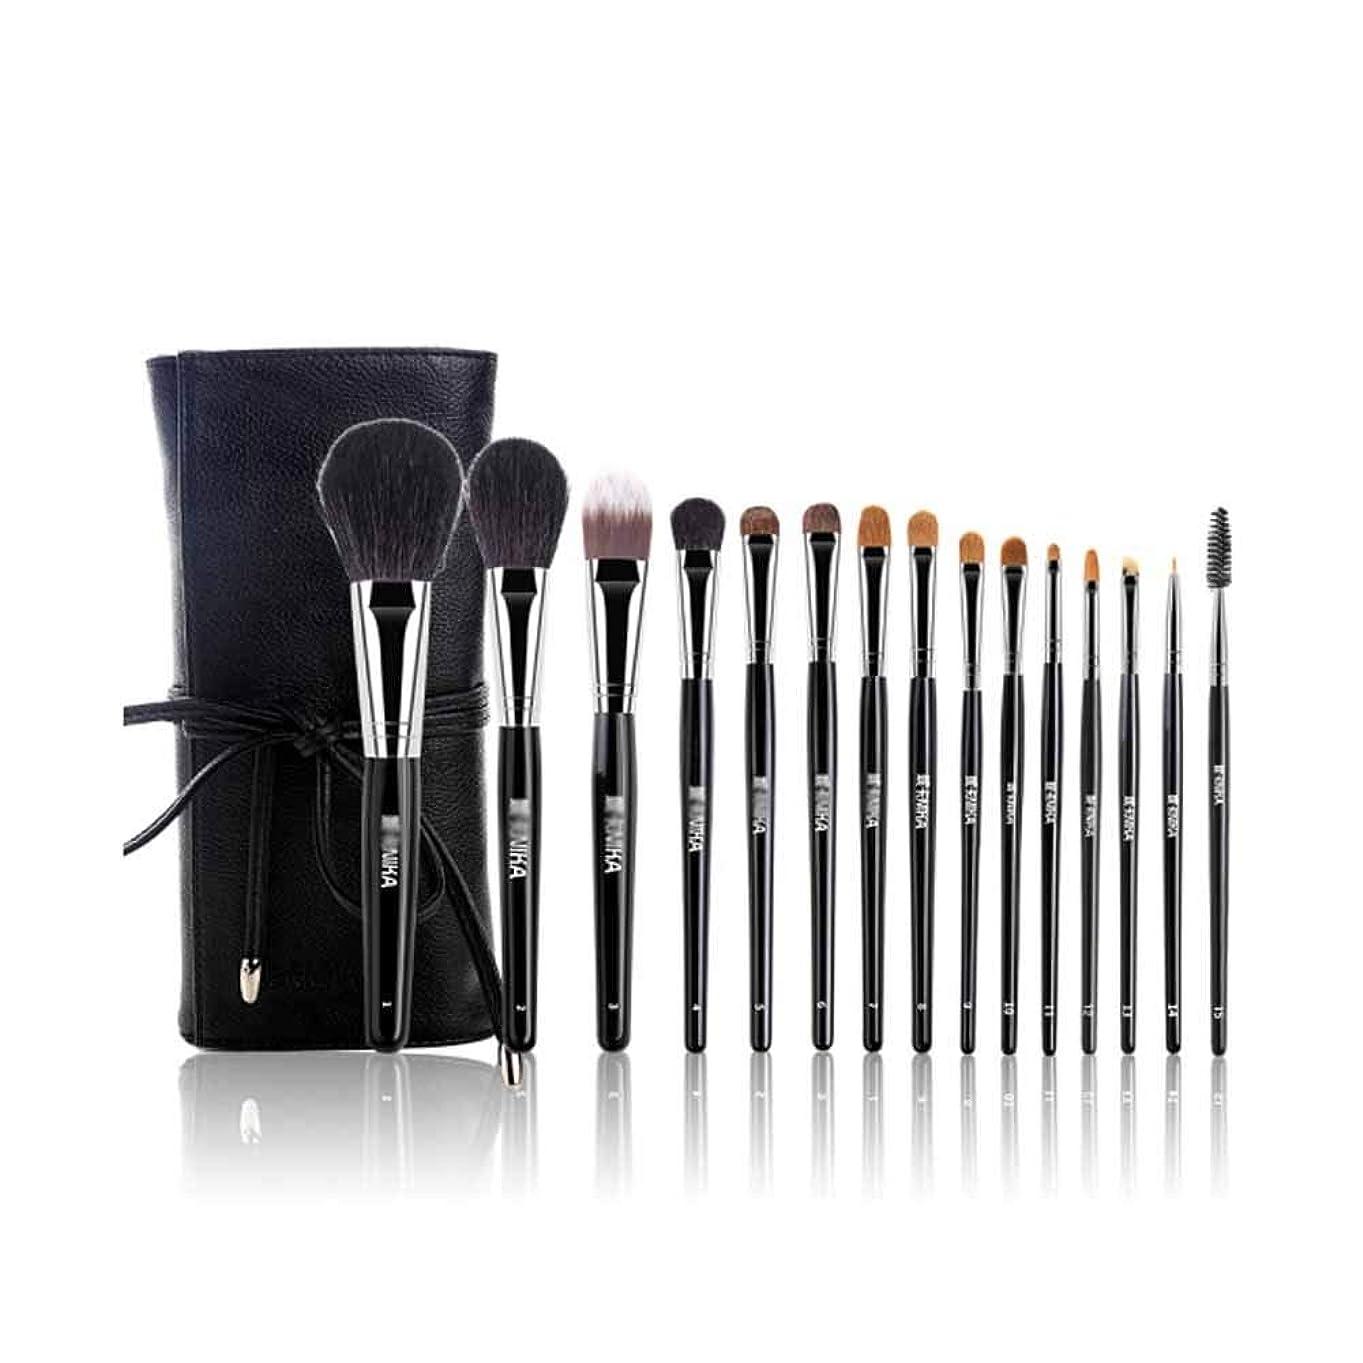 状態ブランド名自分自身化粧ブラシ、10個の化粧ブラシセット、プロの化粧と初心者用化粧ツール、高品質の動物の毛、柔らかく快適 (Color : Black, Quantity : 15)